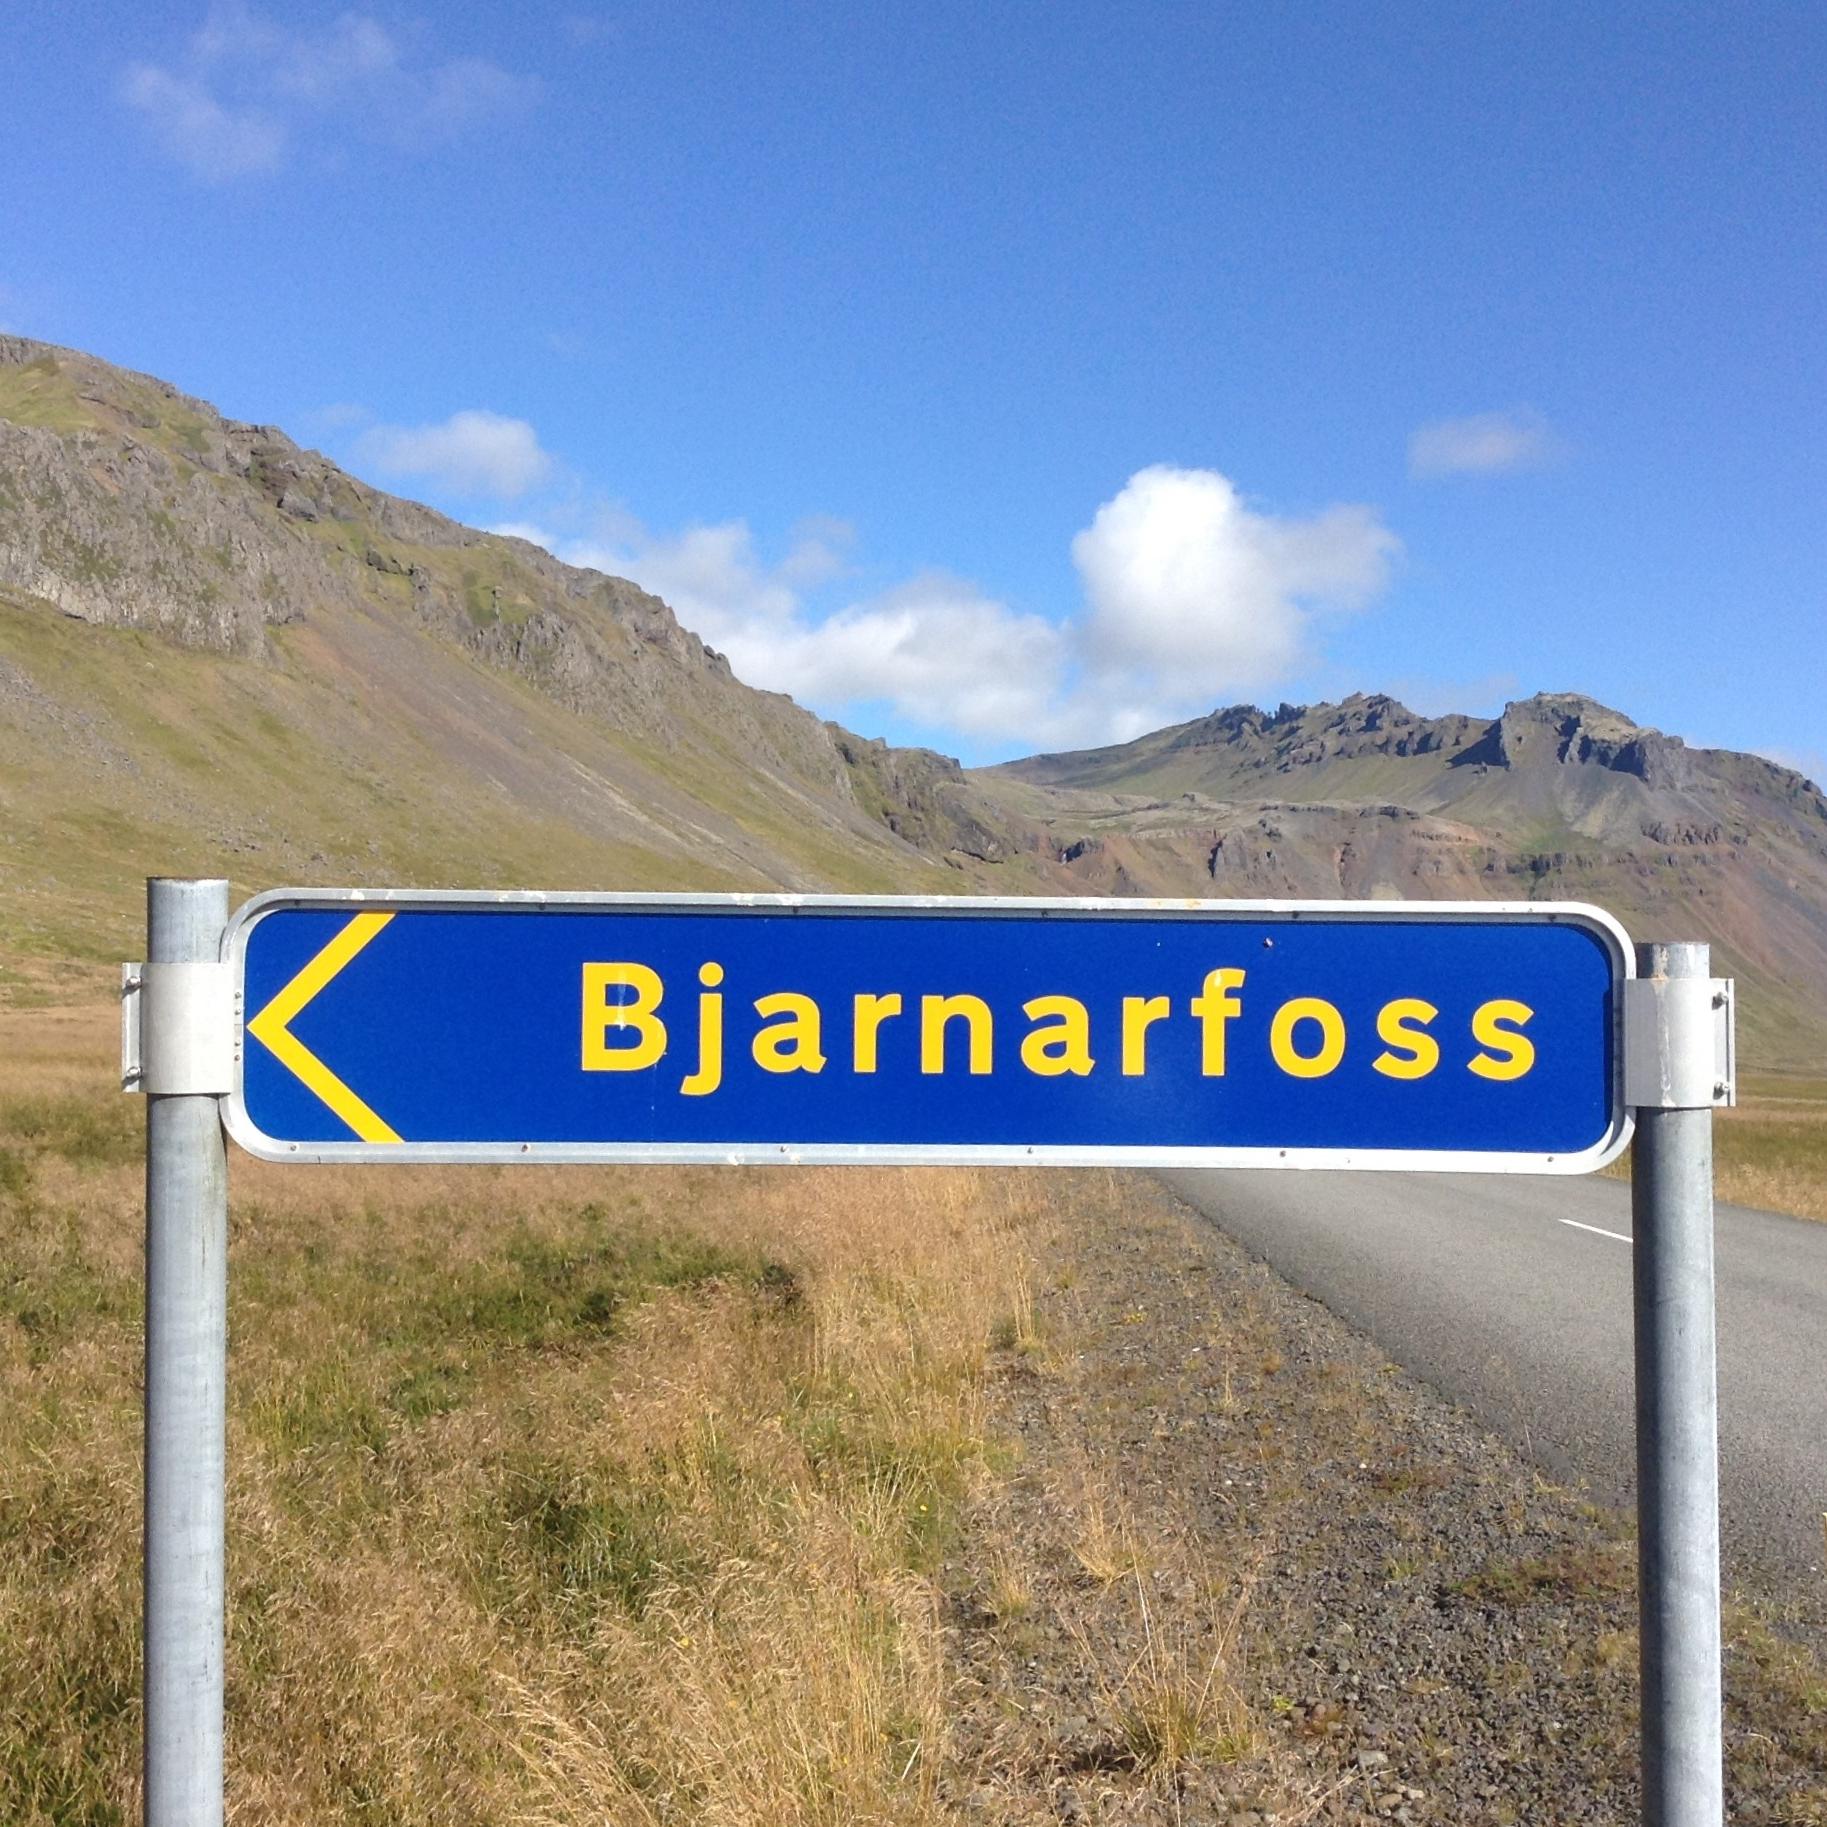 Bjarnarfoss, Iceland by The Doubtful Traveller